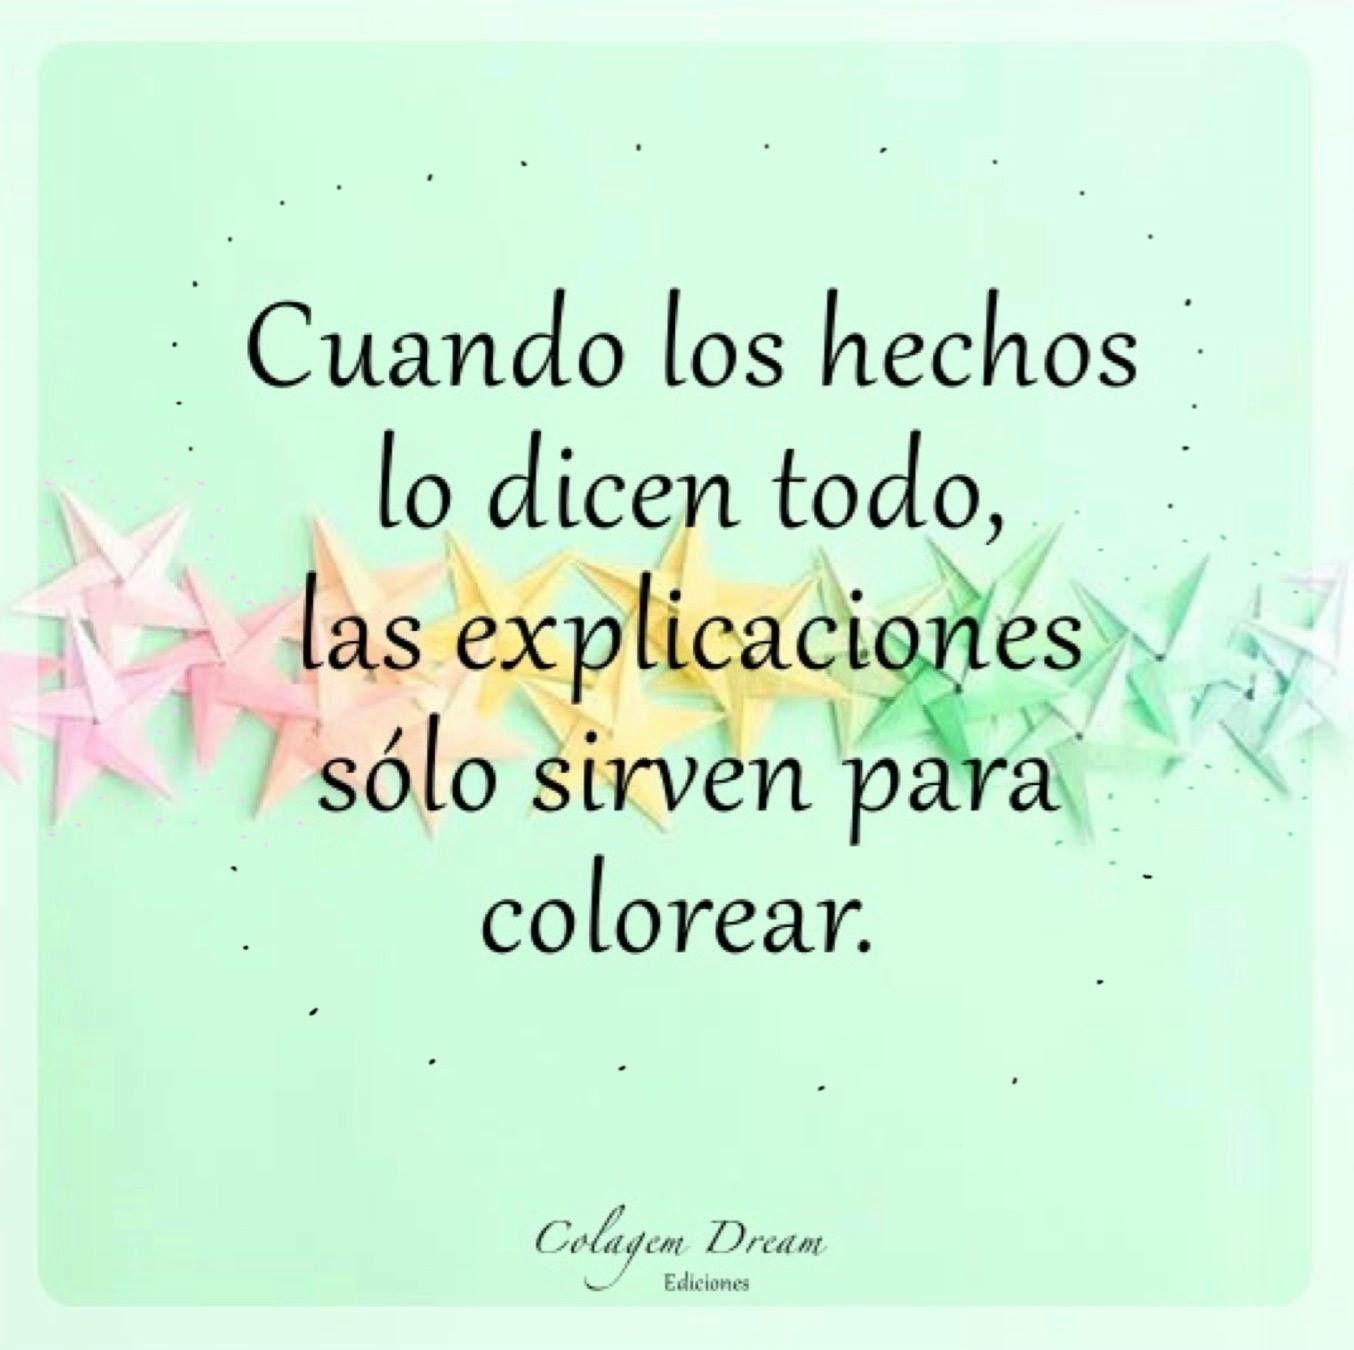 Colorear. 🎨🖌